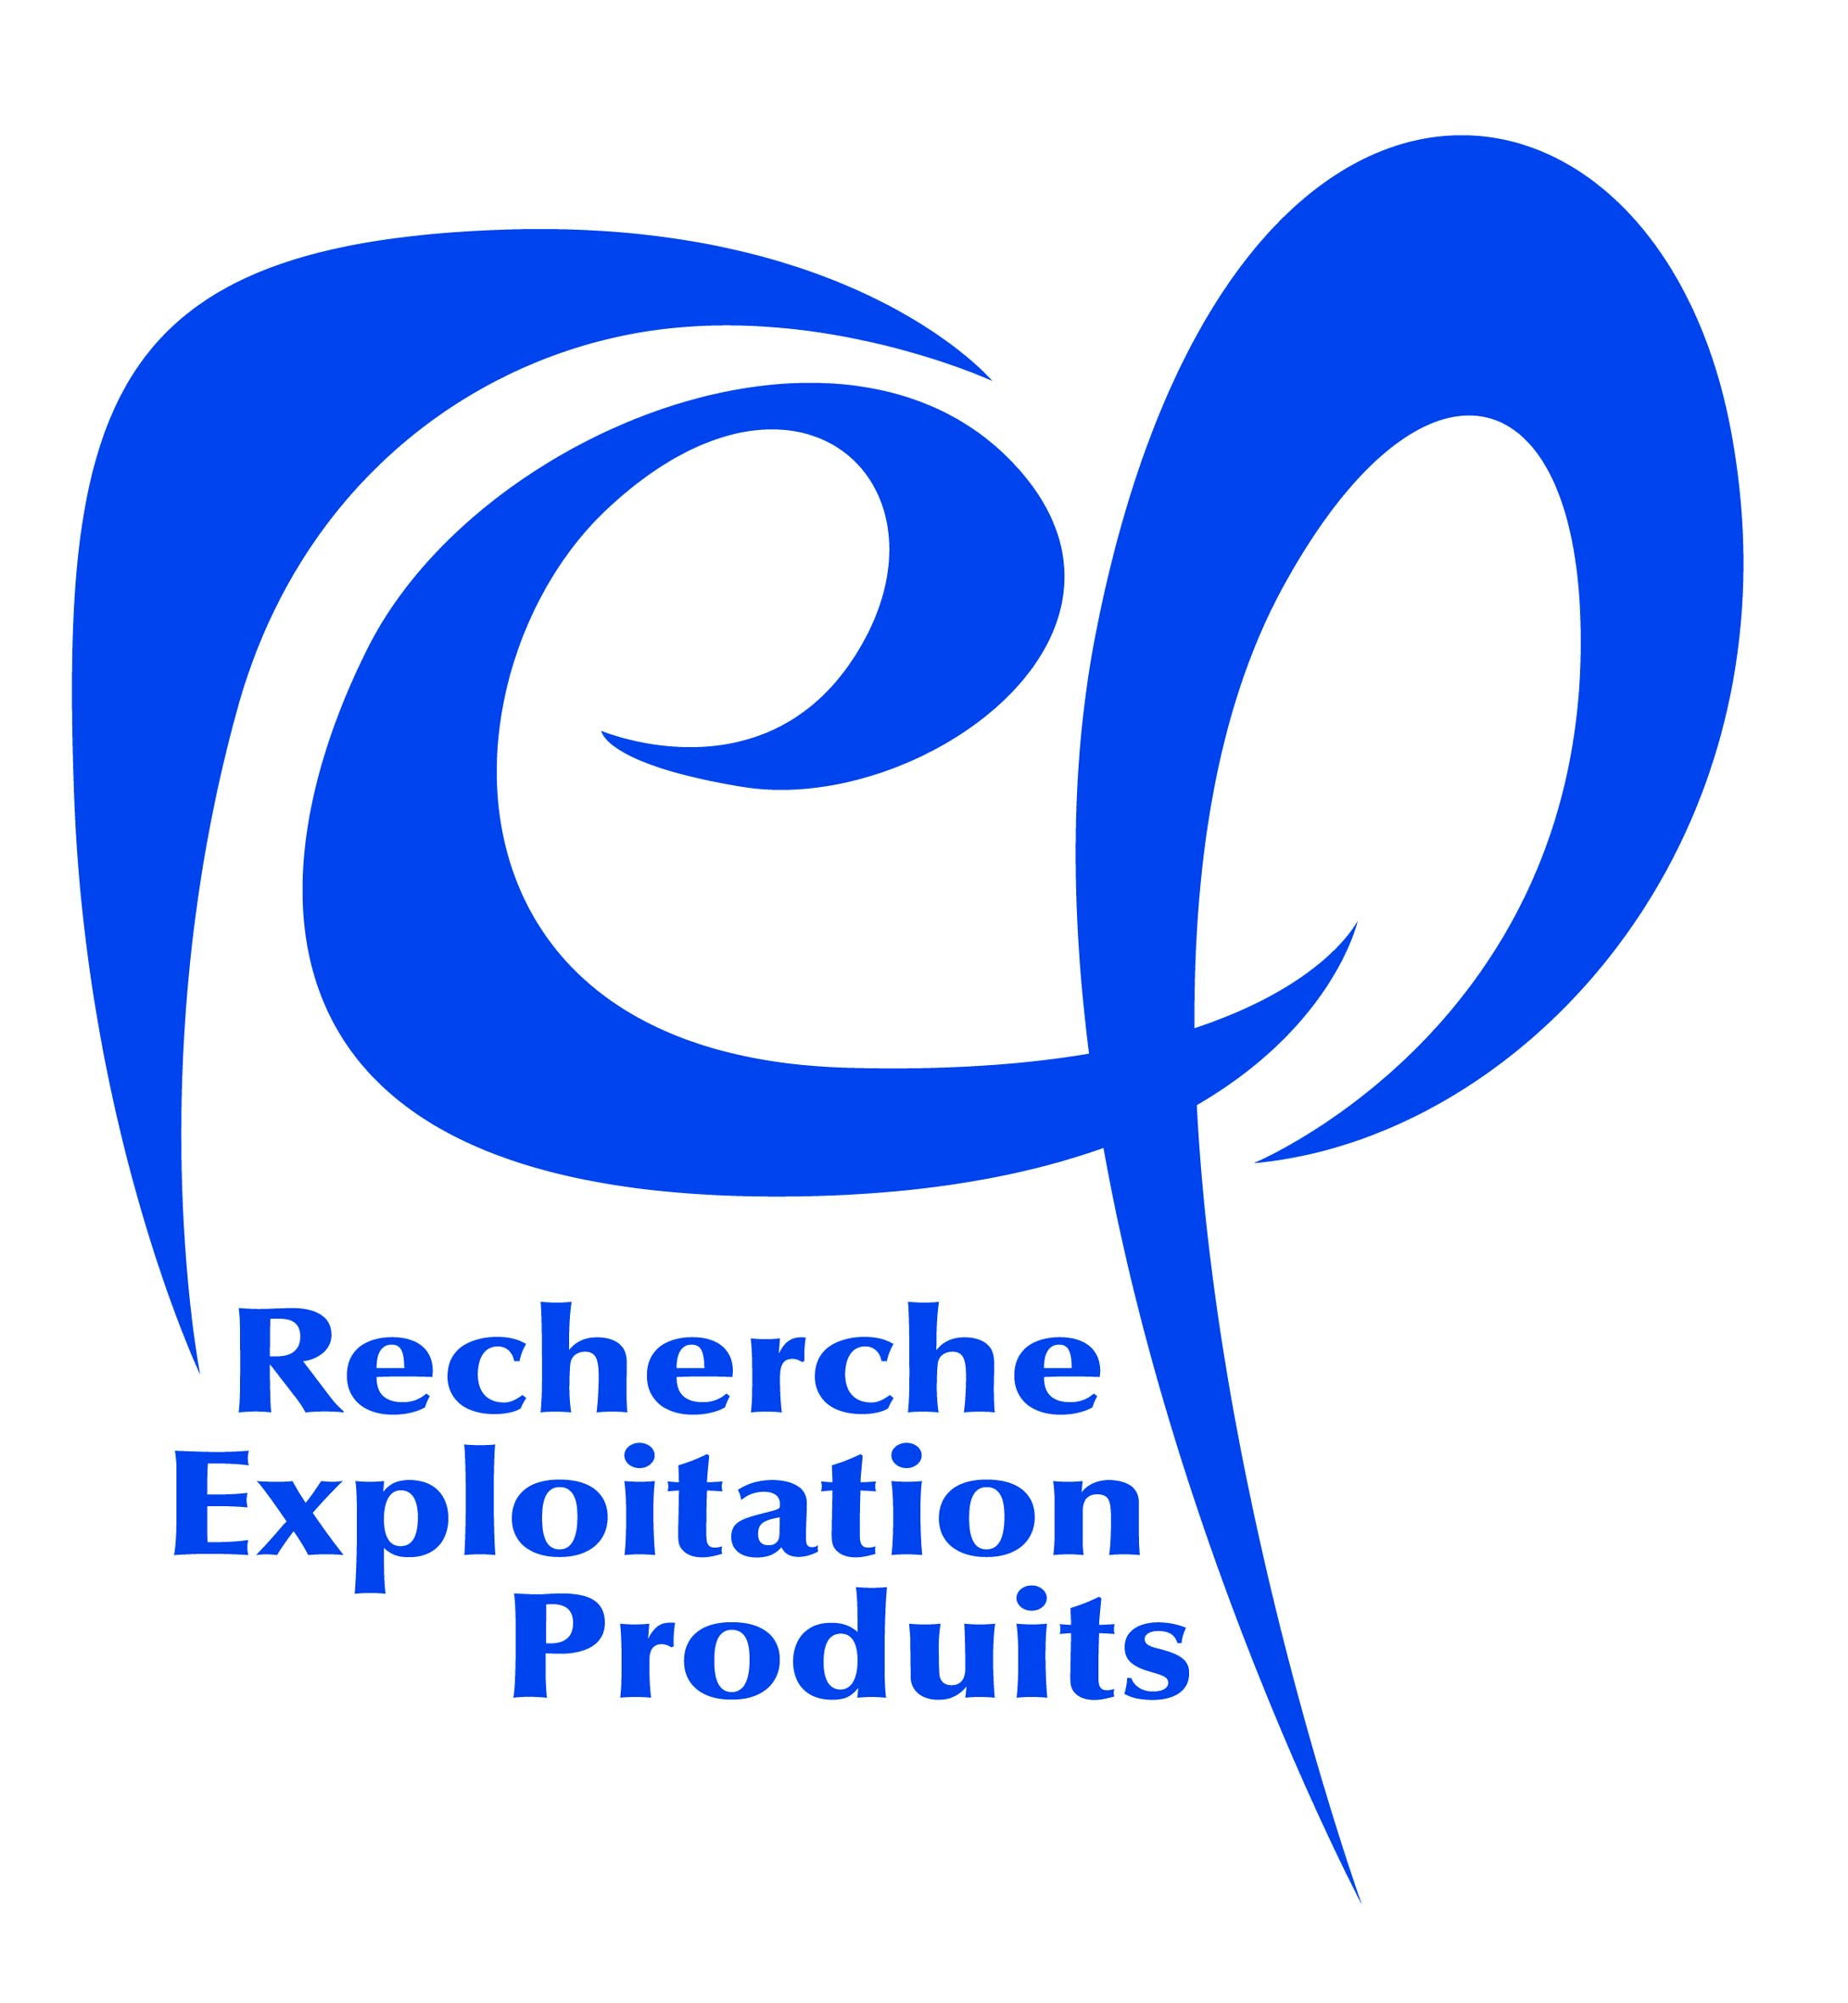 Recherche Exploitation Produits